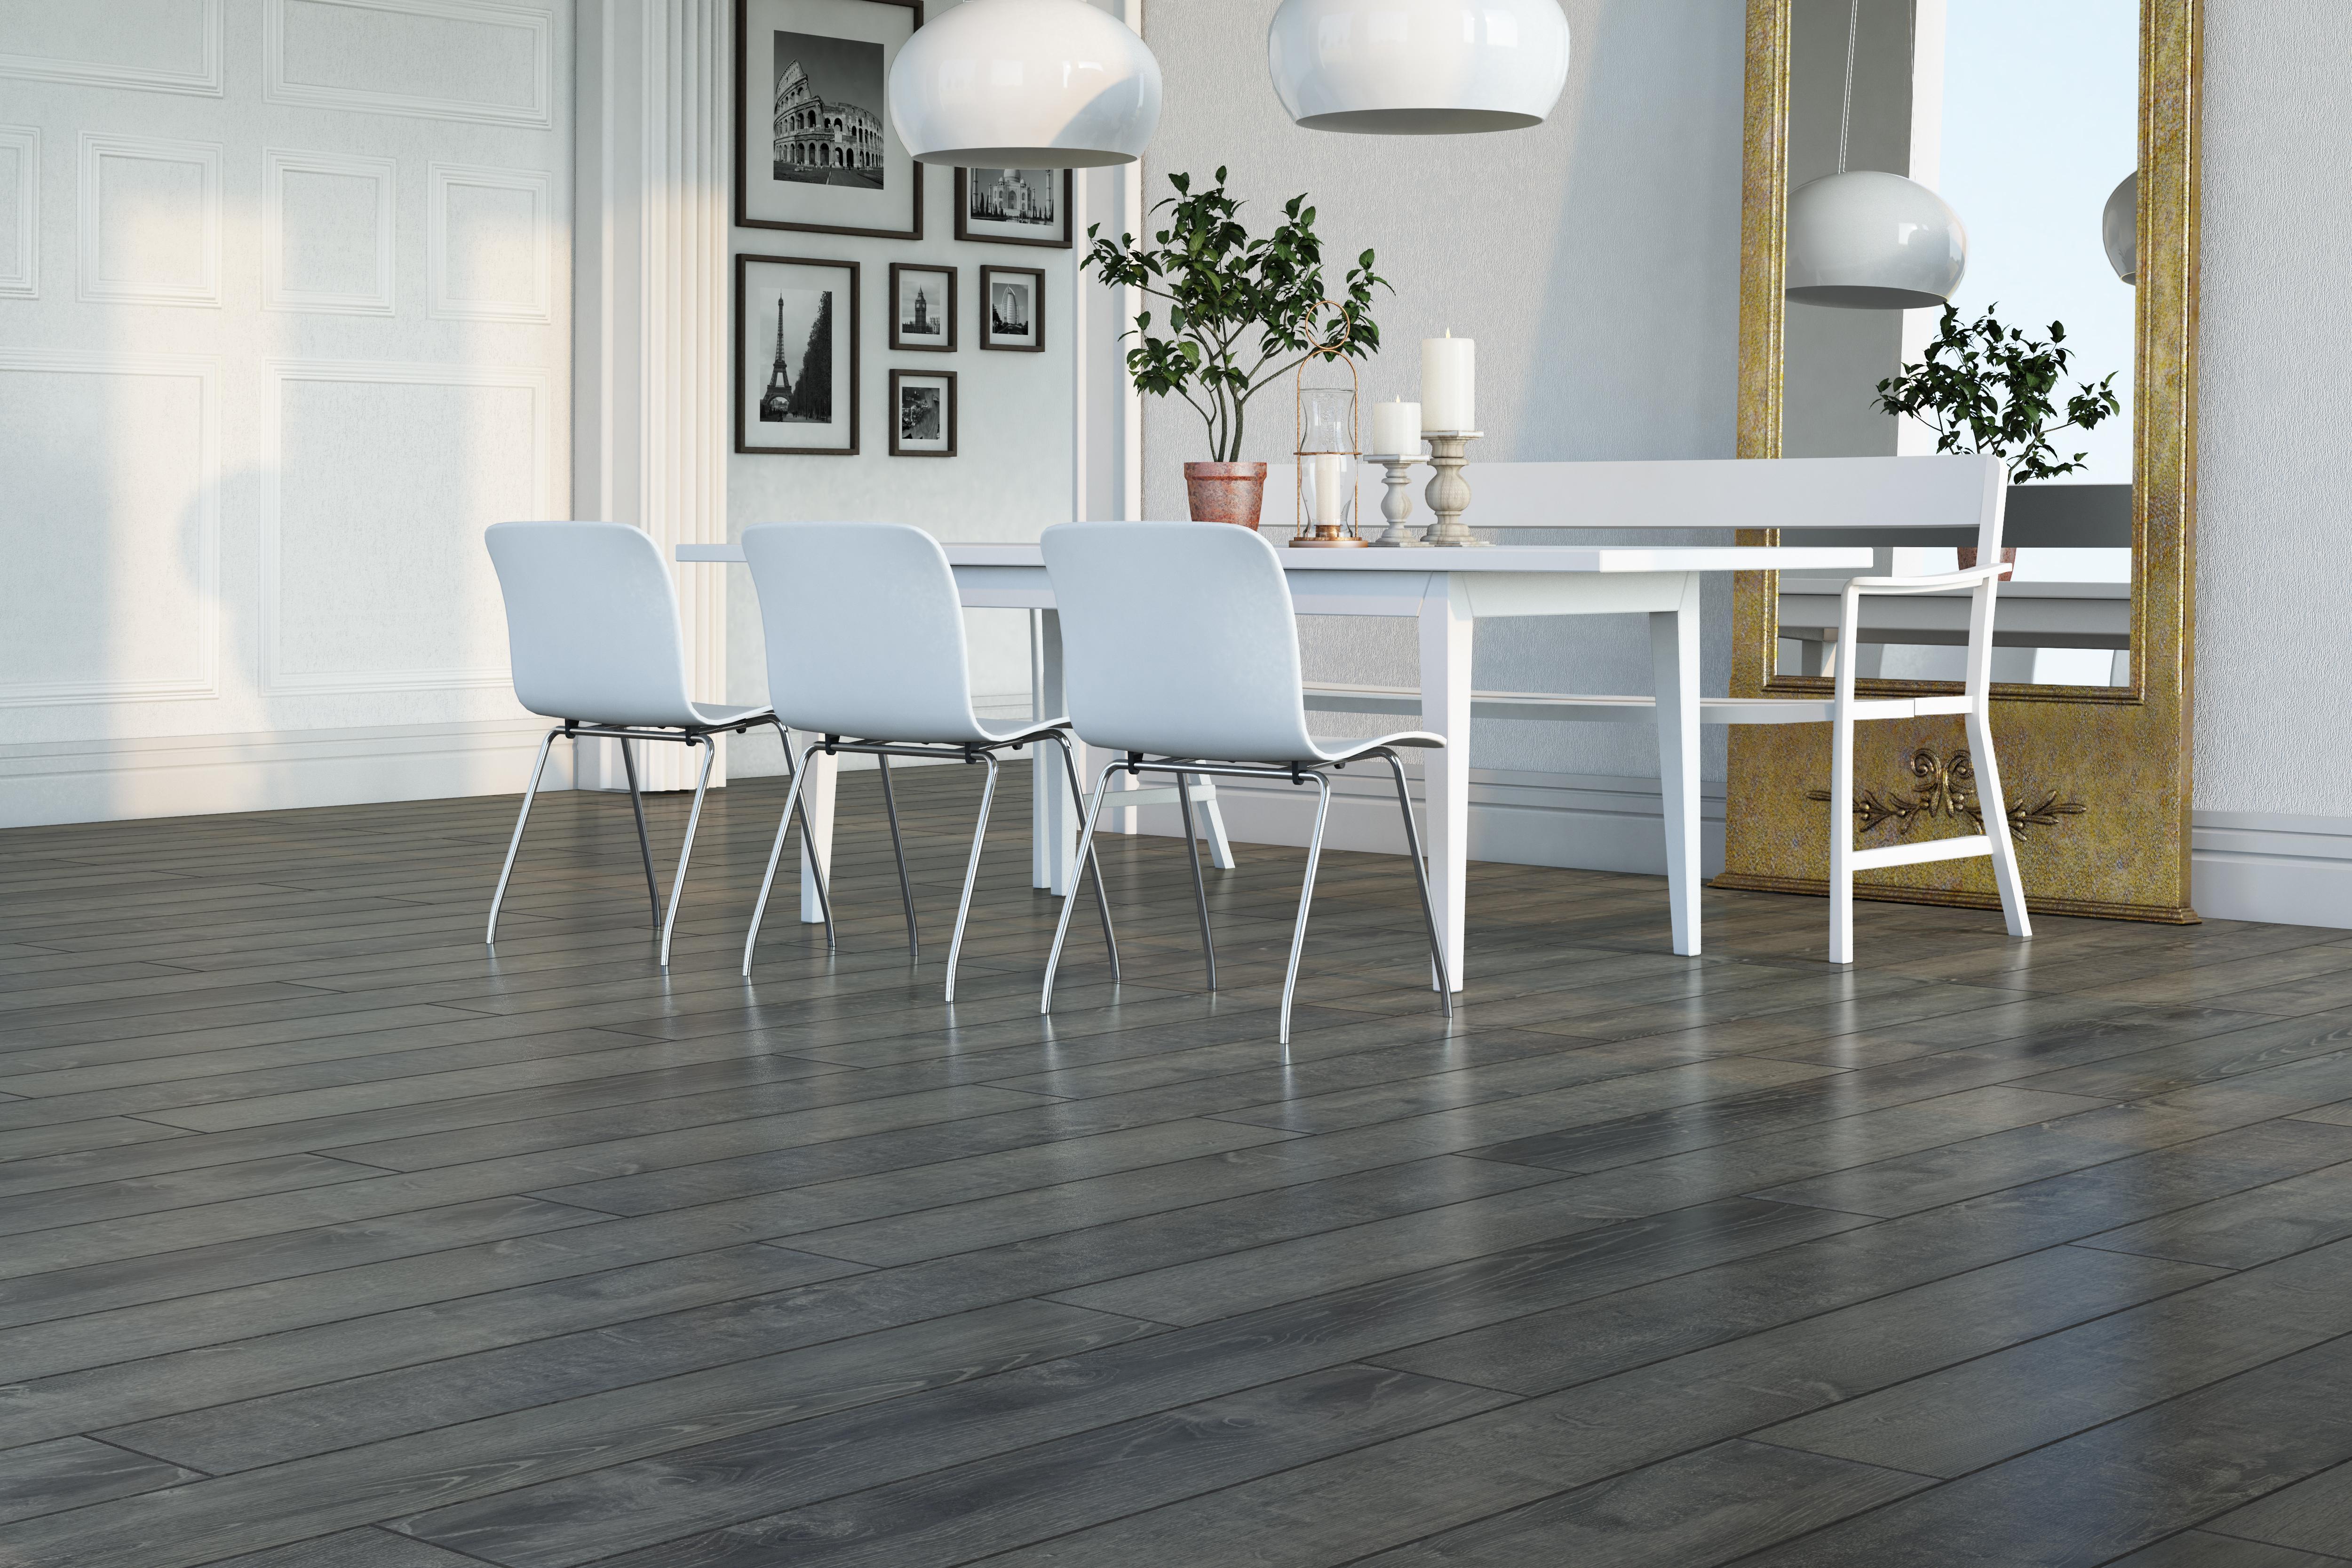 Piso flotante deluxe biselado 8 3mm casa belforte for Decoracion piso laminado gris